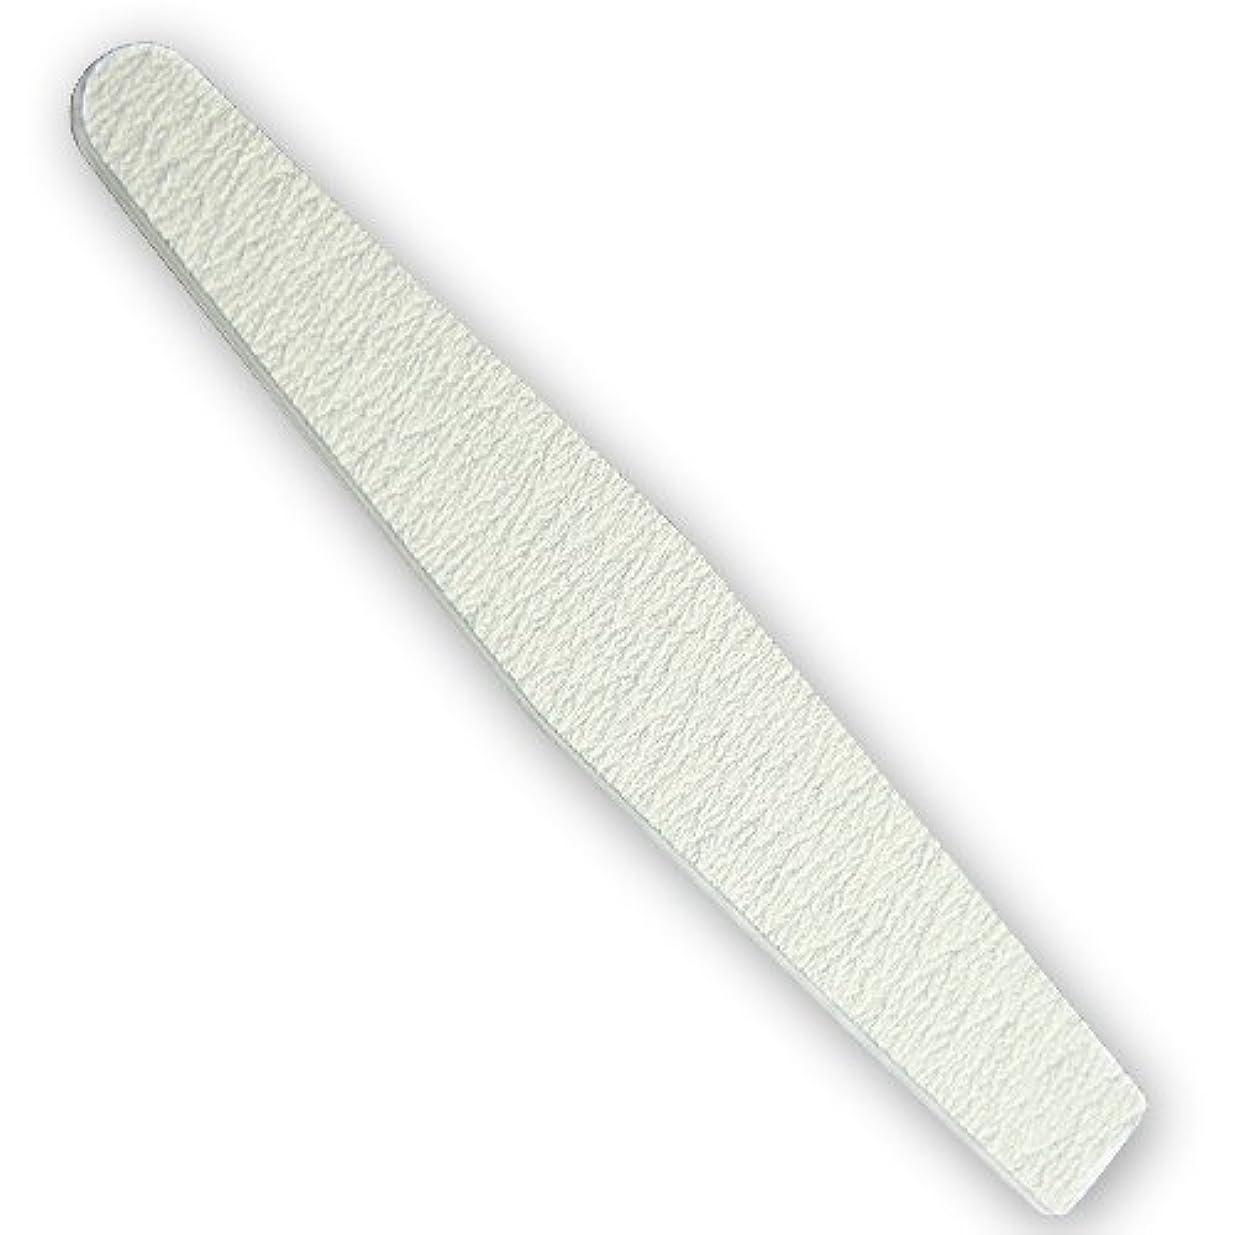 アイドル壊滅的な盗賊ジェルネイル用ファイル100/180(爪やすり)シンプルで使いやすい